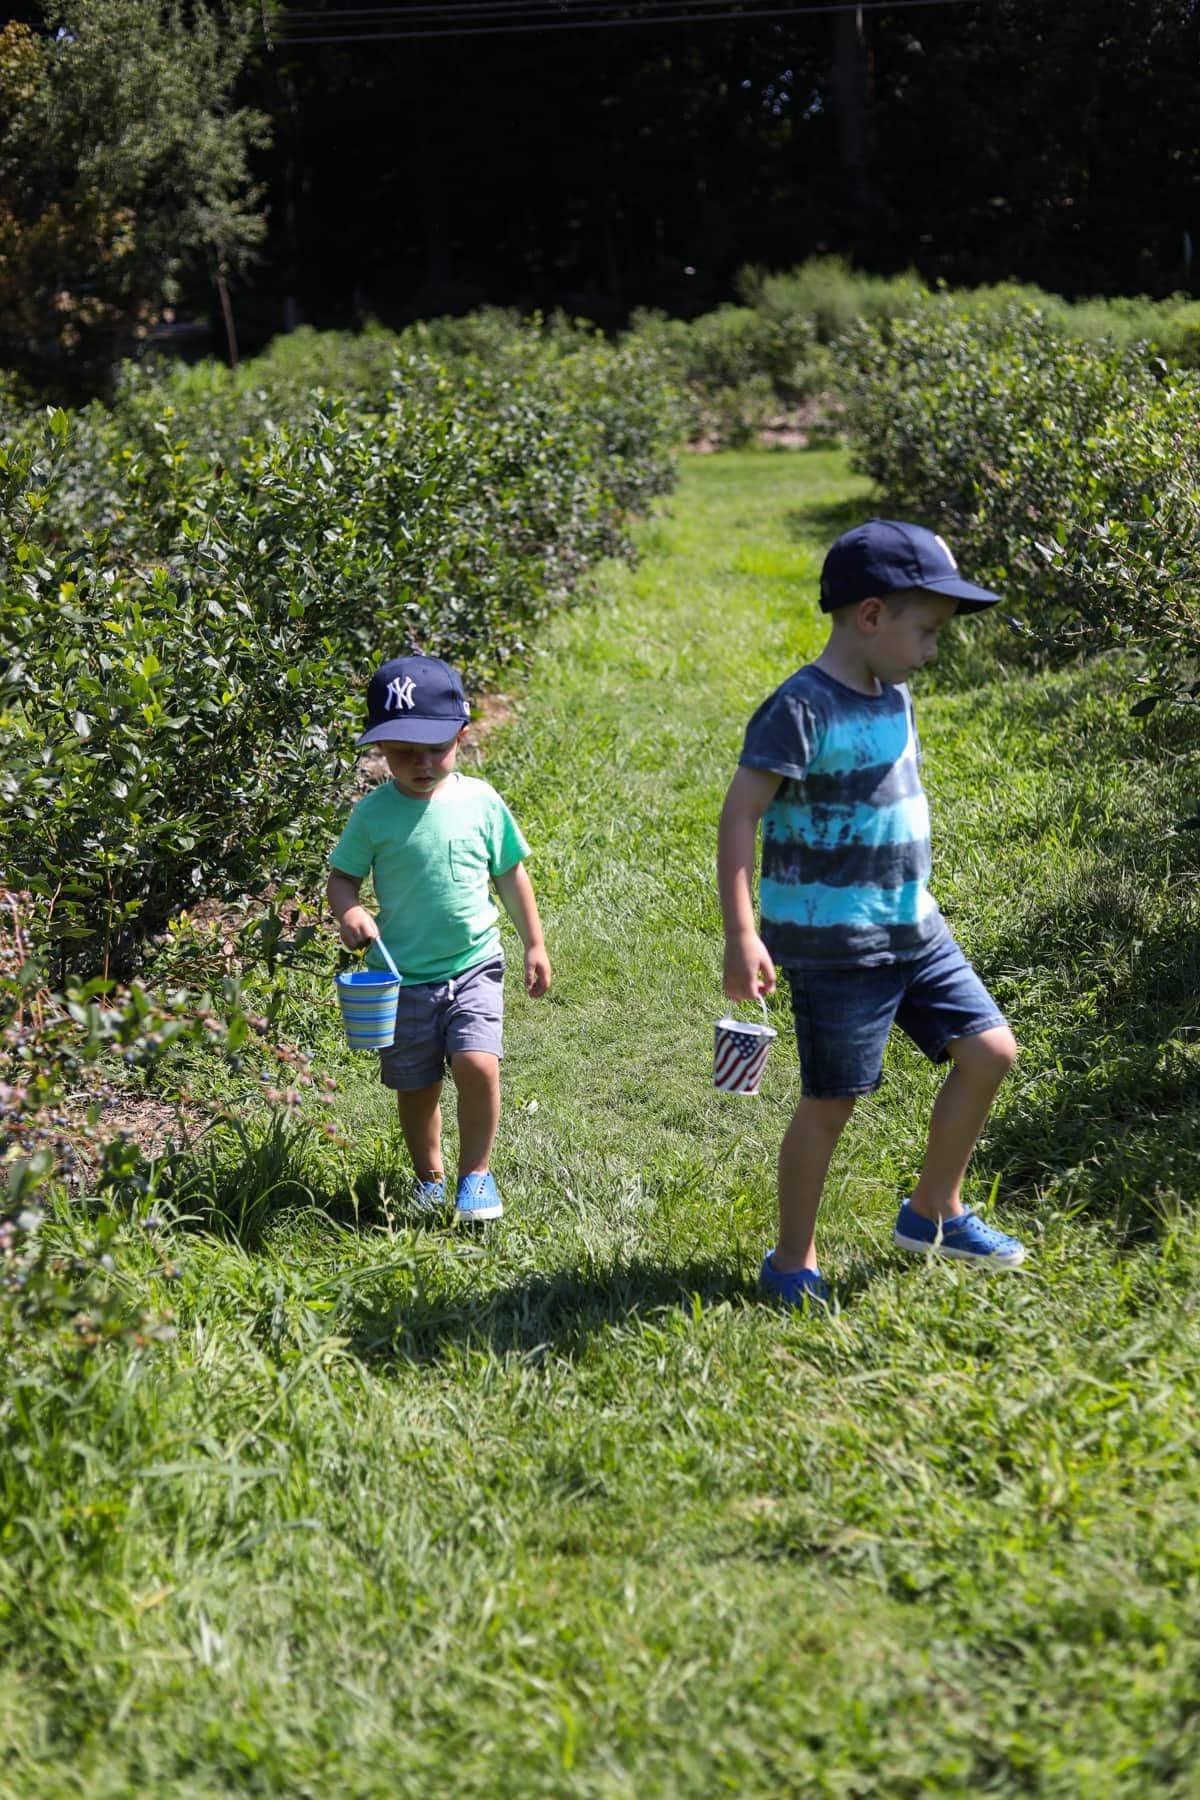 Blake and Eddie at a berry farm